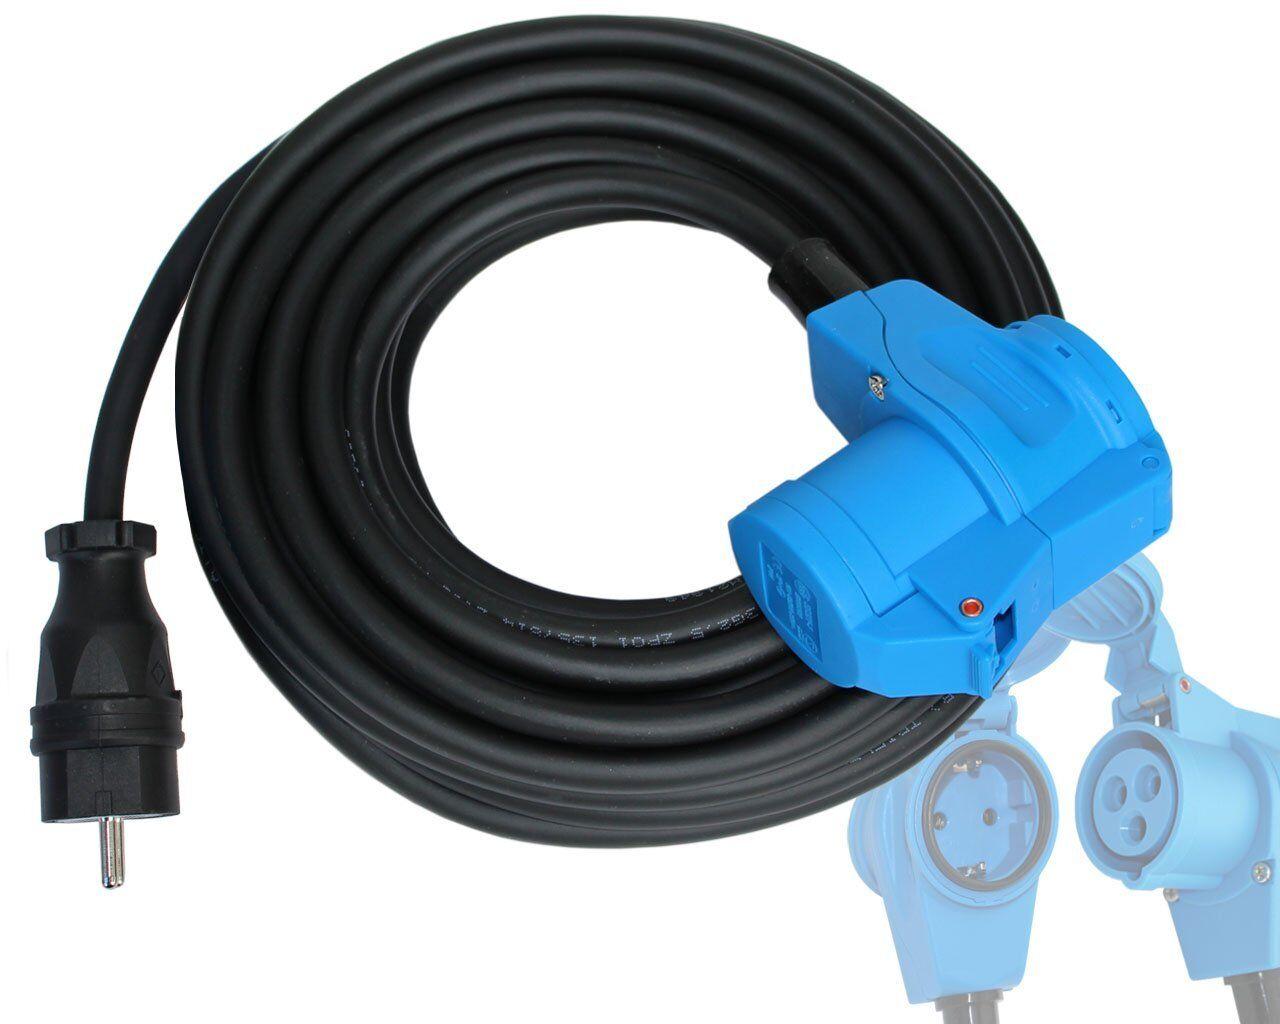 Adapter Kabel Camping Verlängerung H07 3x2,5 mit Winkelkupplung Caravan ab 5-25m